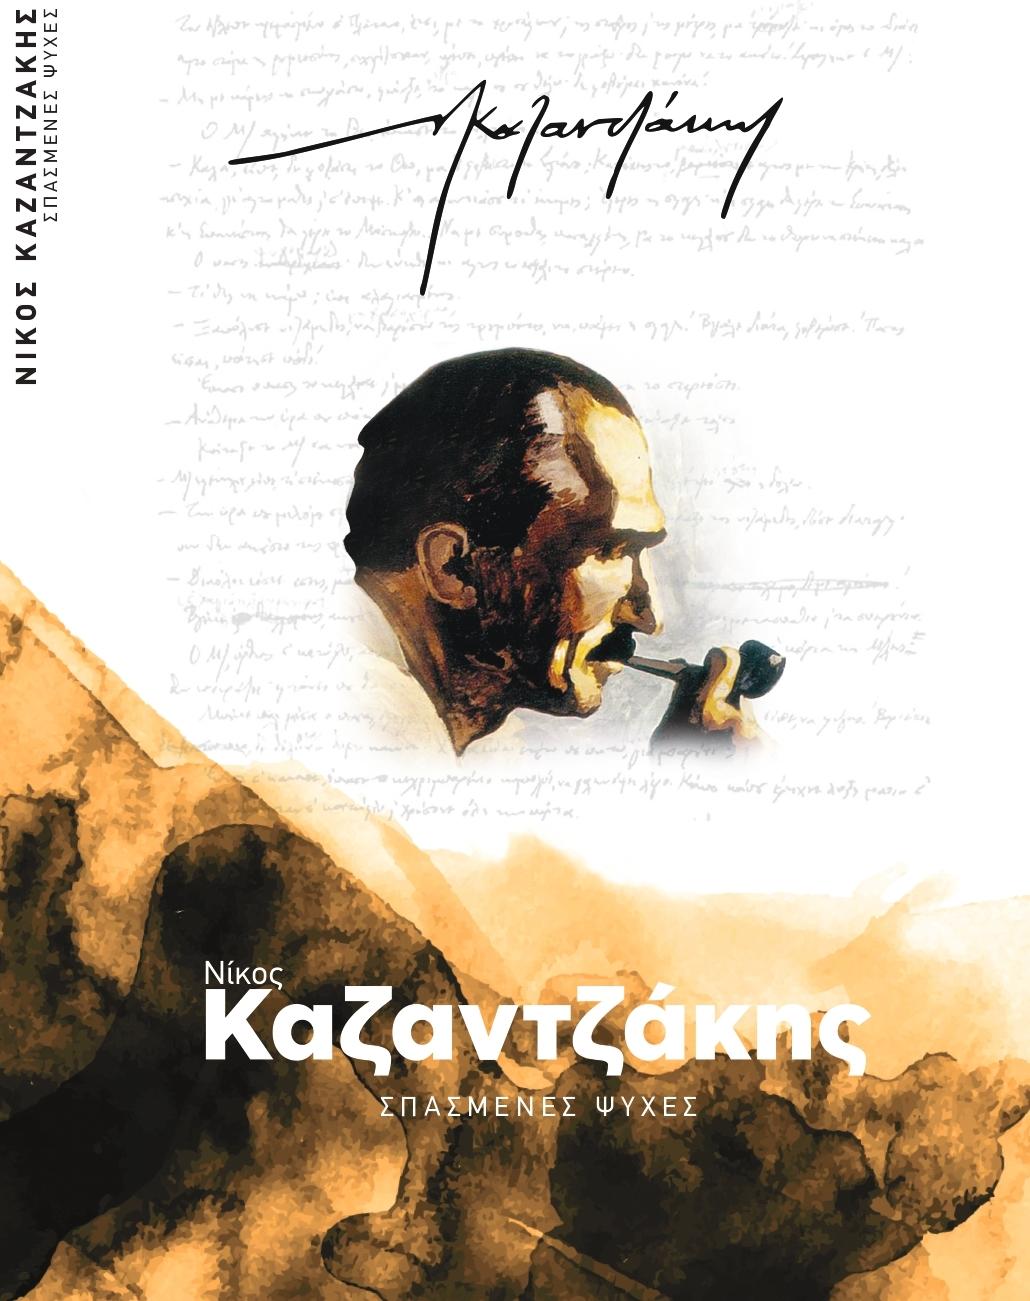 Σπασμένες ψυχές, , Καζαντζάκης, Νίκος, 1883-1957, Ελευθερία του Τύπου Α.Ε., 2021